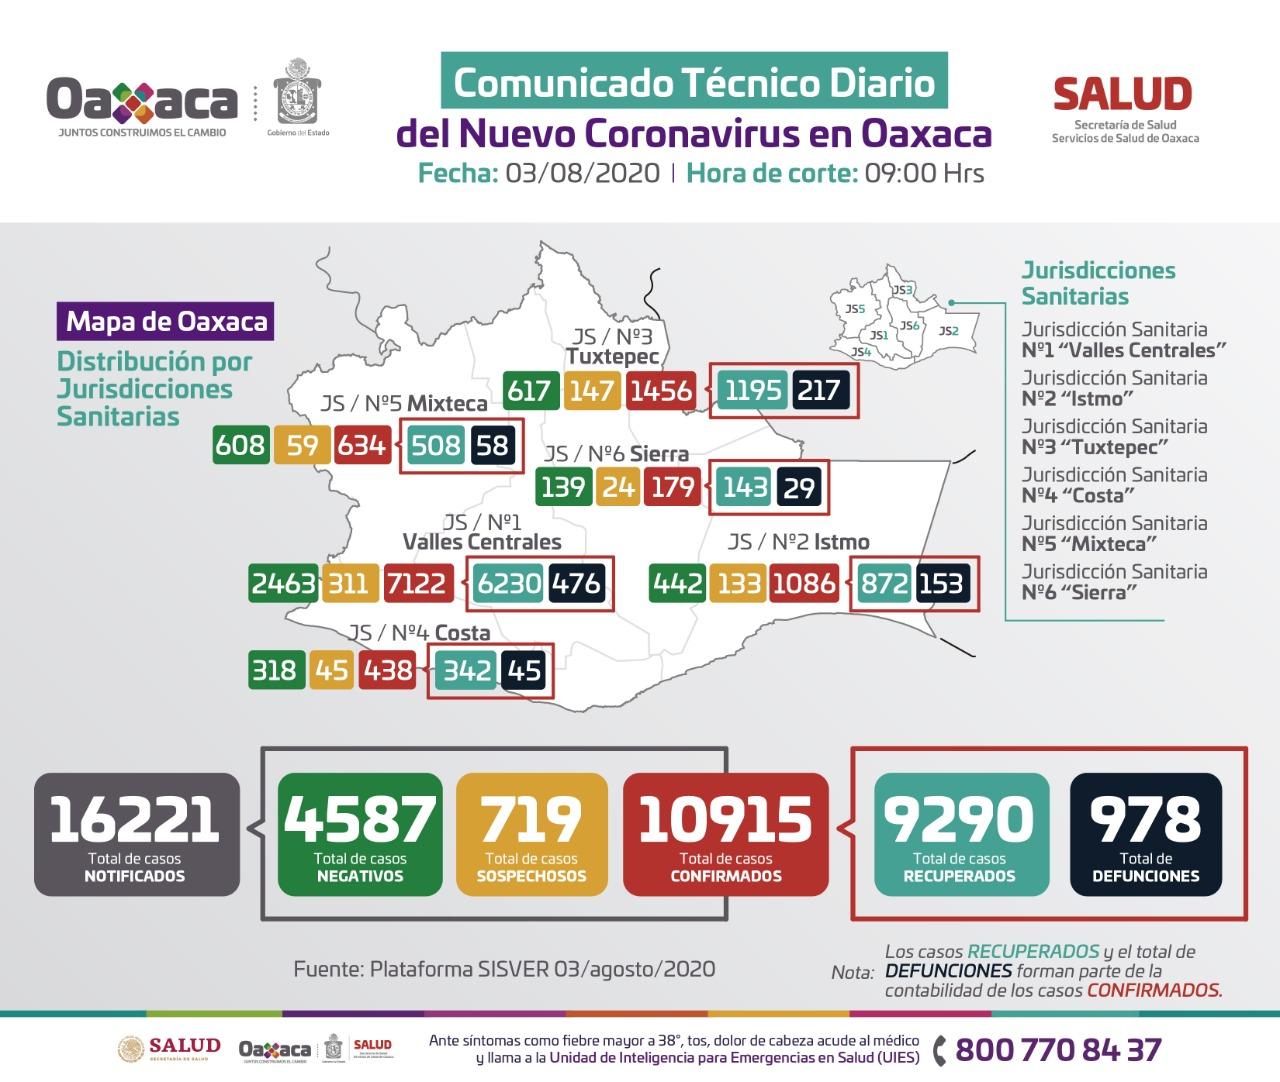 En las últimas 24 horas, 179 casos nuevos y nueve fallecimientos por Covid-19 en Oaxaca